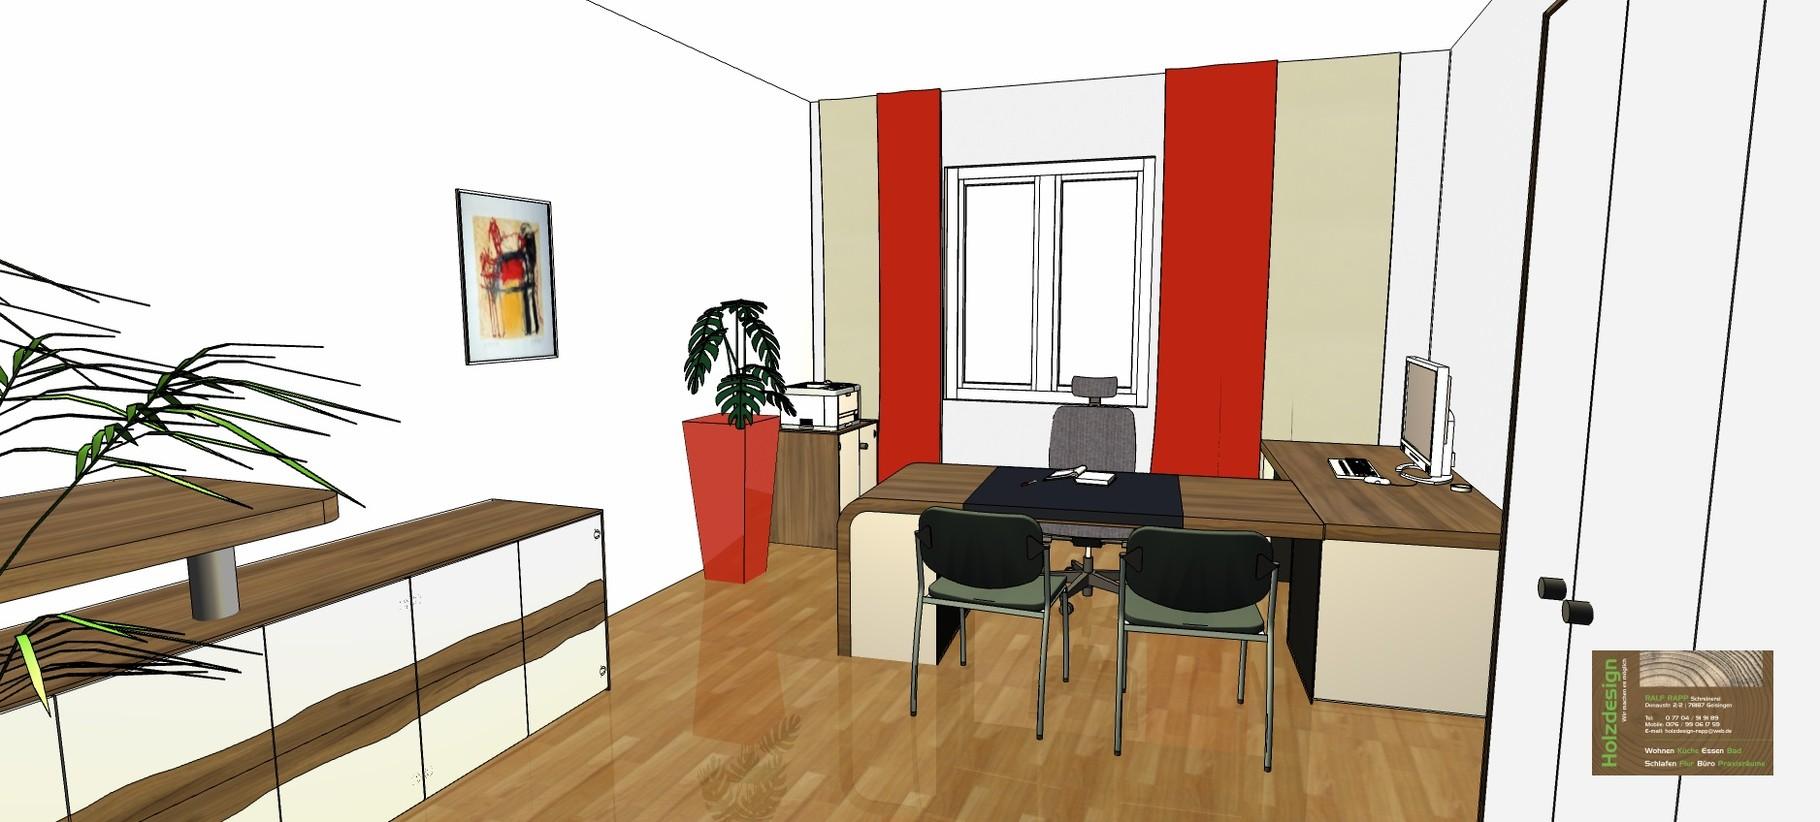 Planung Büroeinrichtung Abbildung Büroeinrichtung komplett